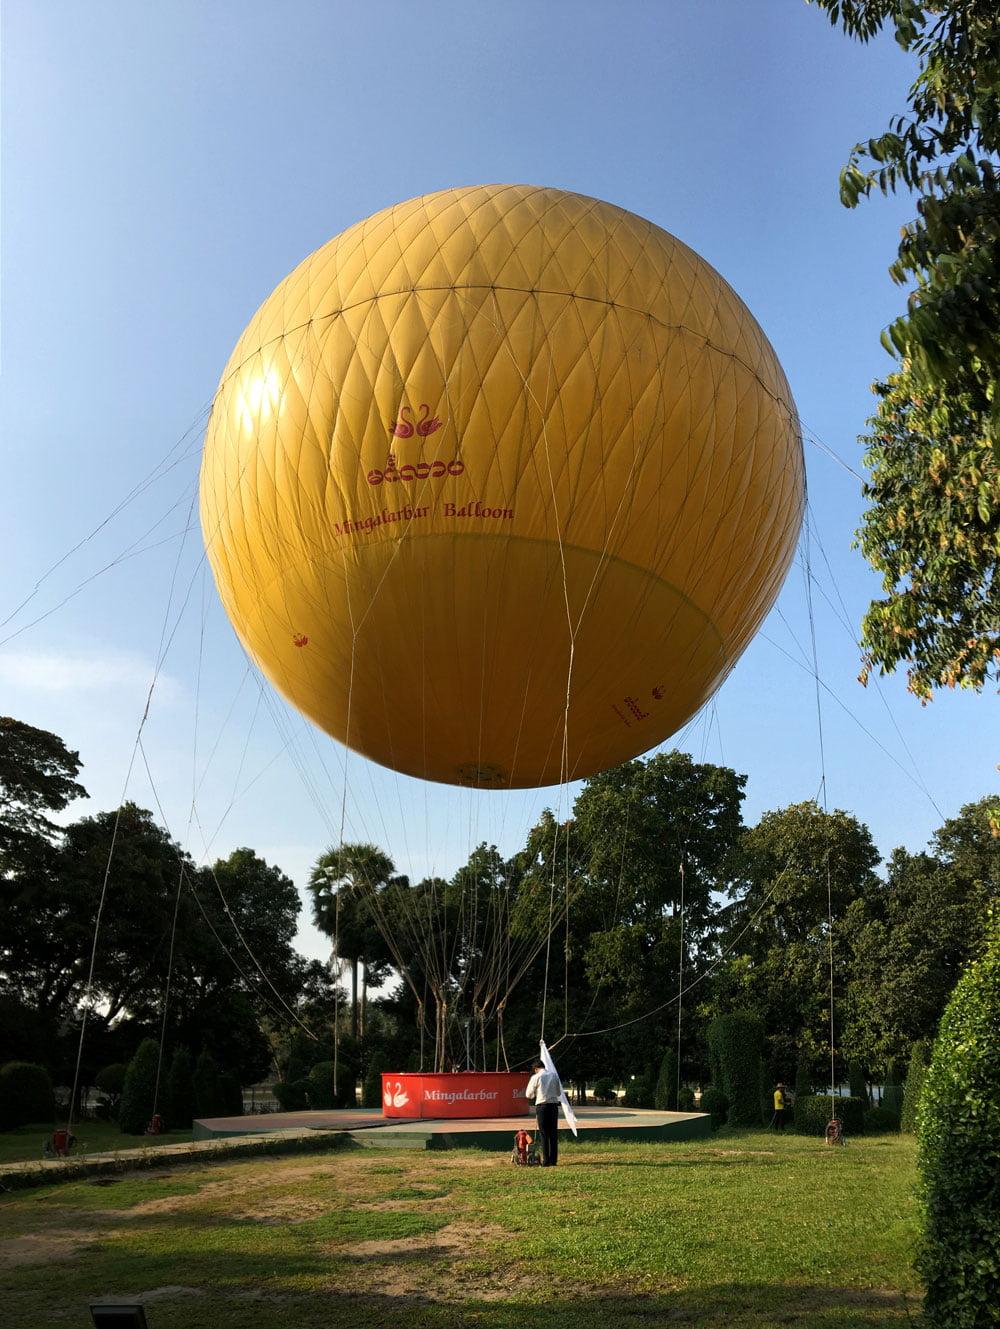 Yangon Mingalabar Balloon